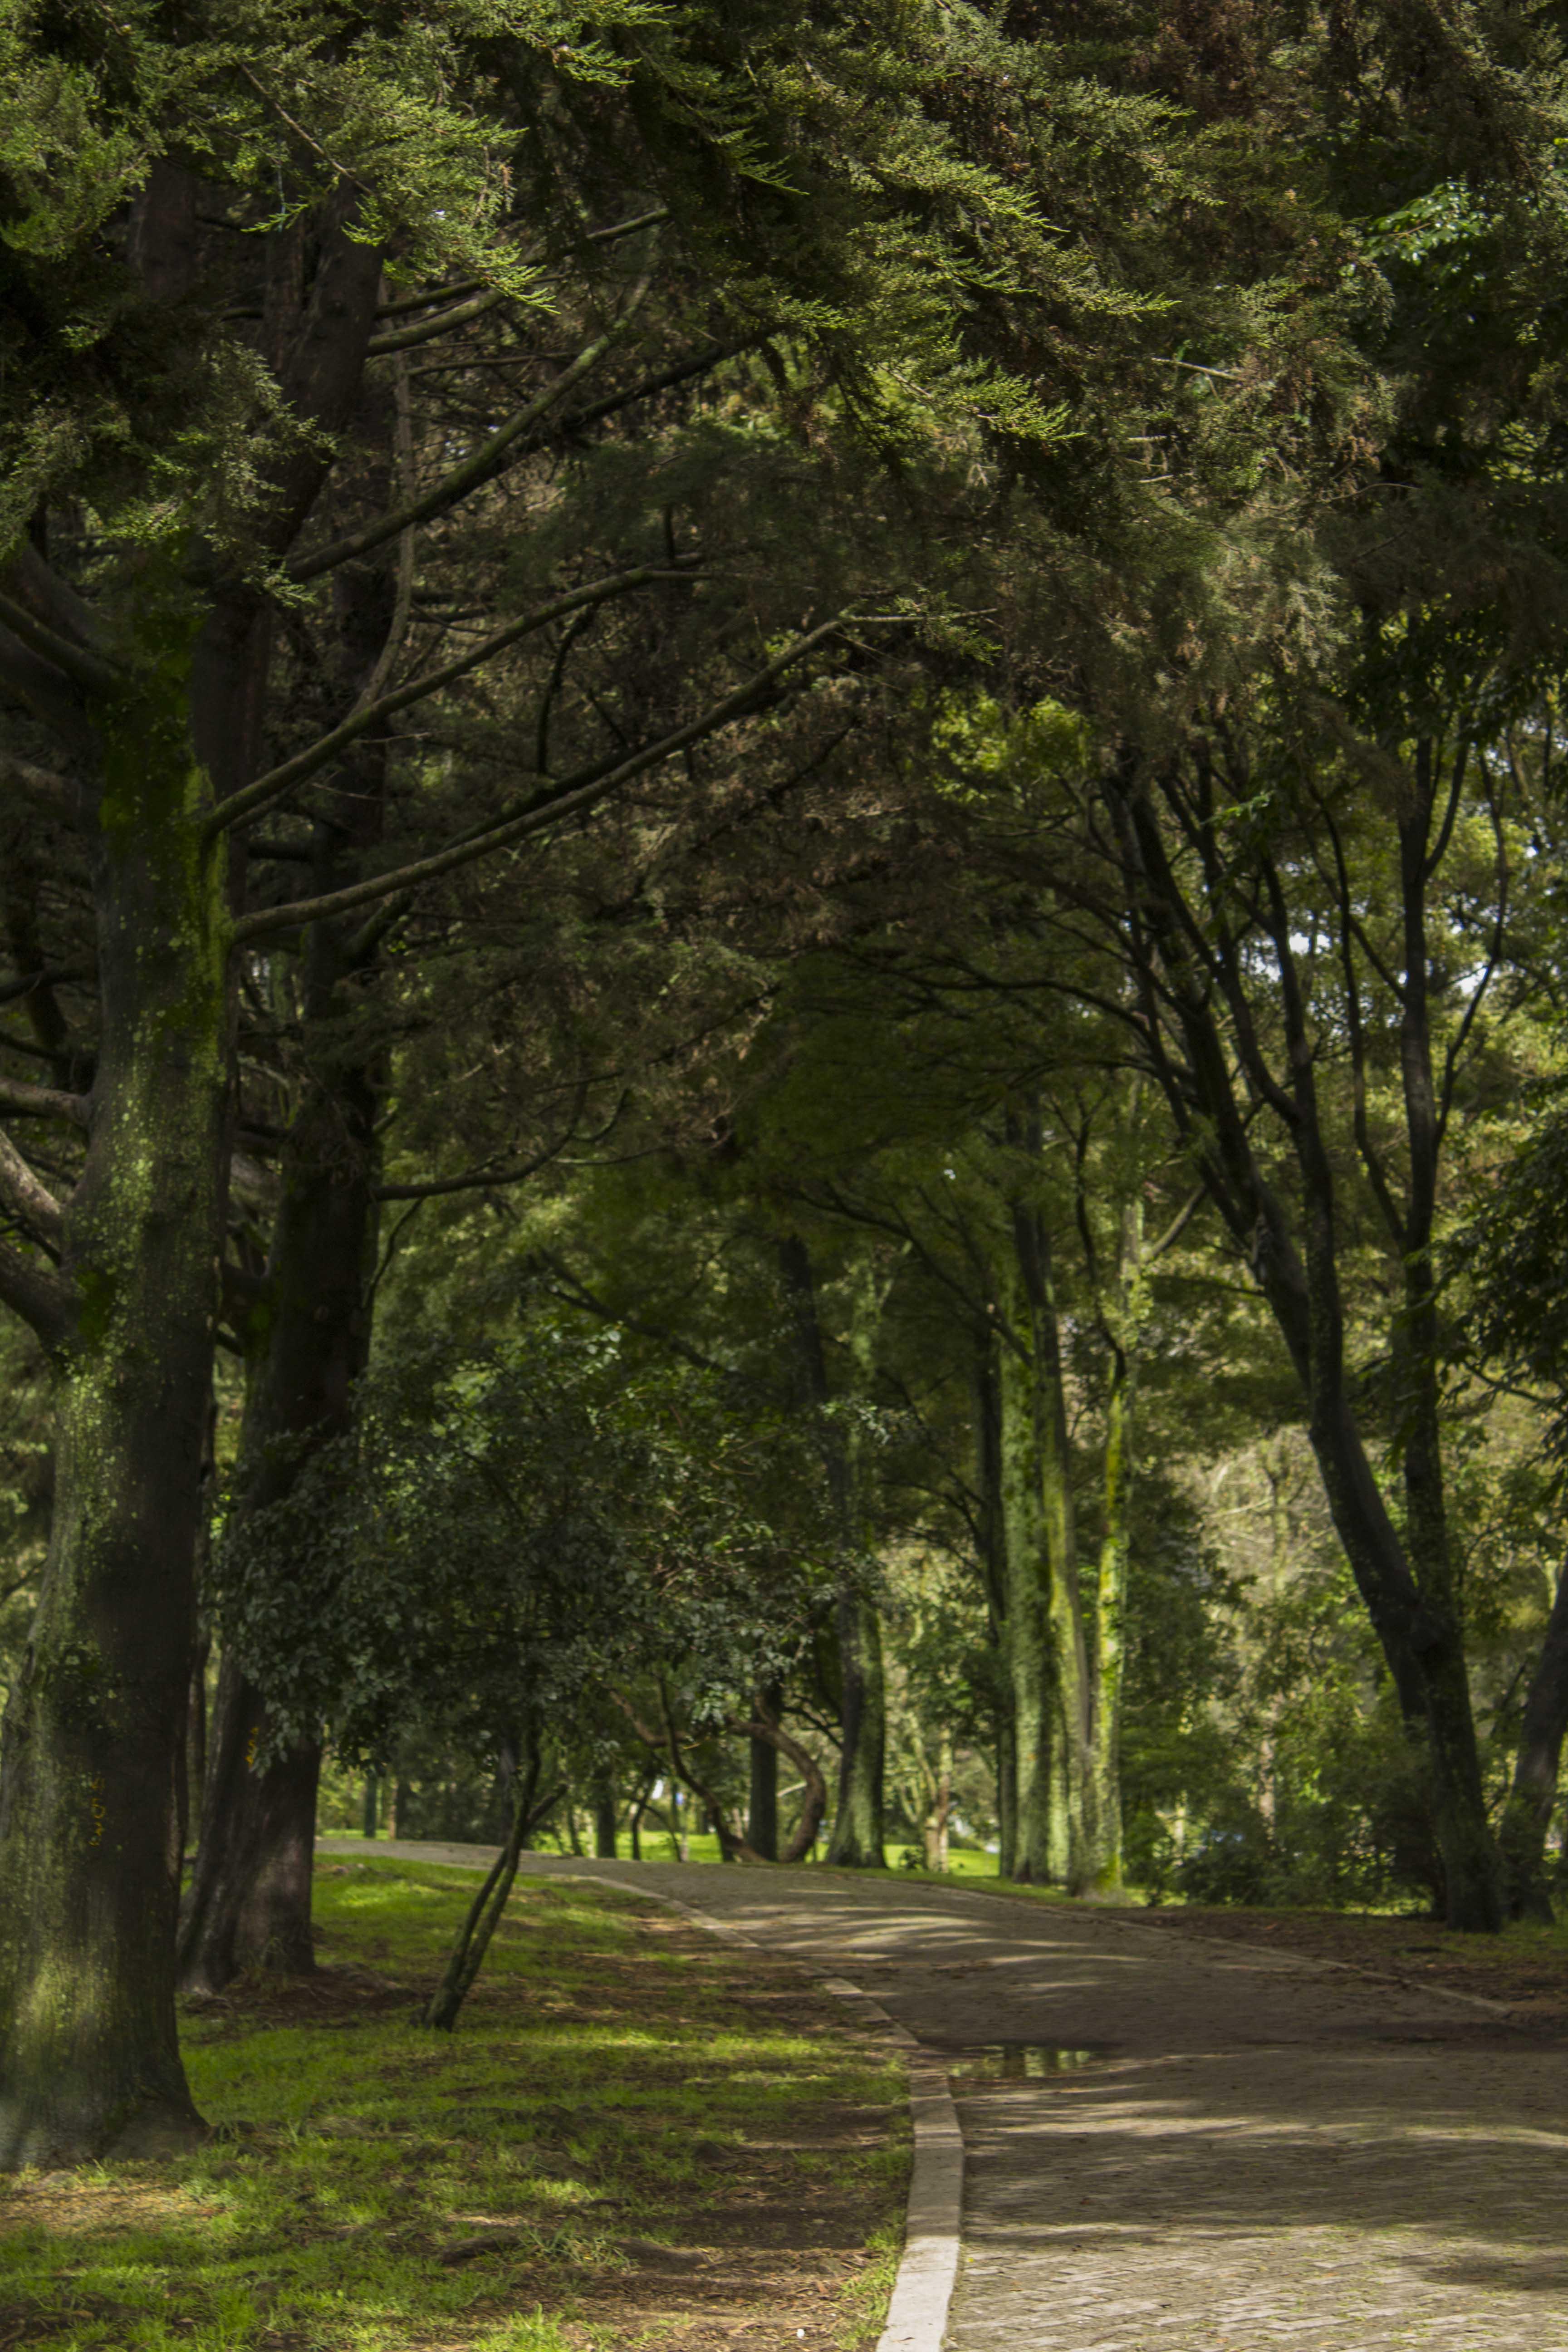 Simon Bolivar park in Bogota, Colombia